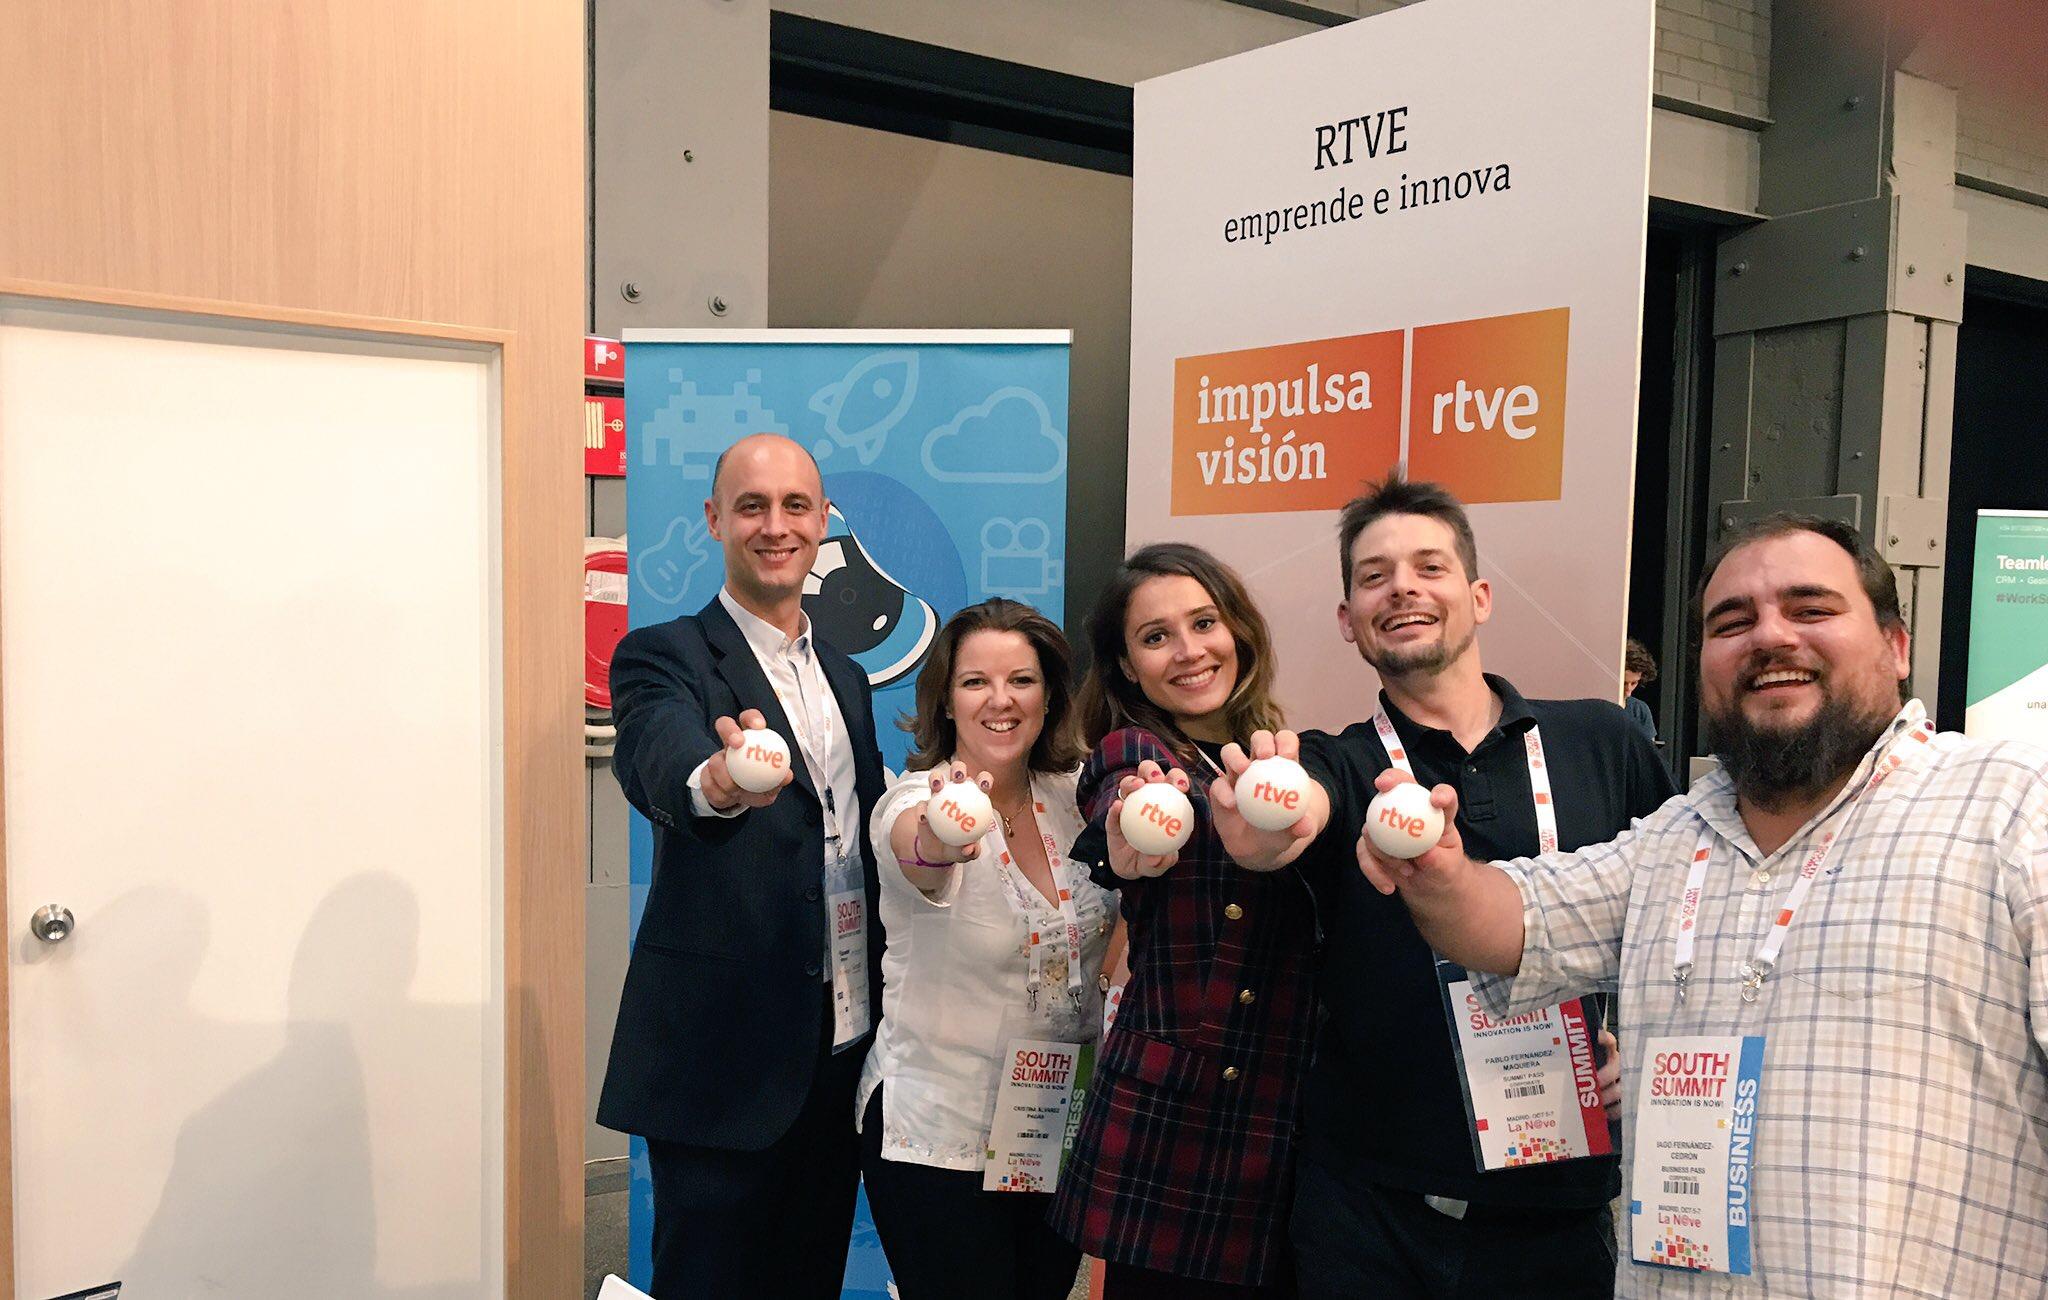 Equipo Pruébate Magazine (Marina Estacio, Cristina Álvarez Pagán) con Videona y RTVE